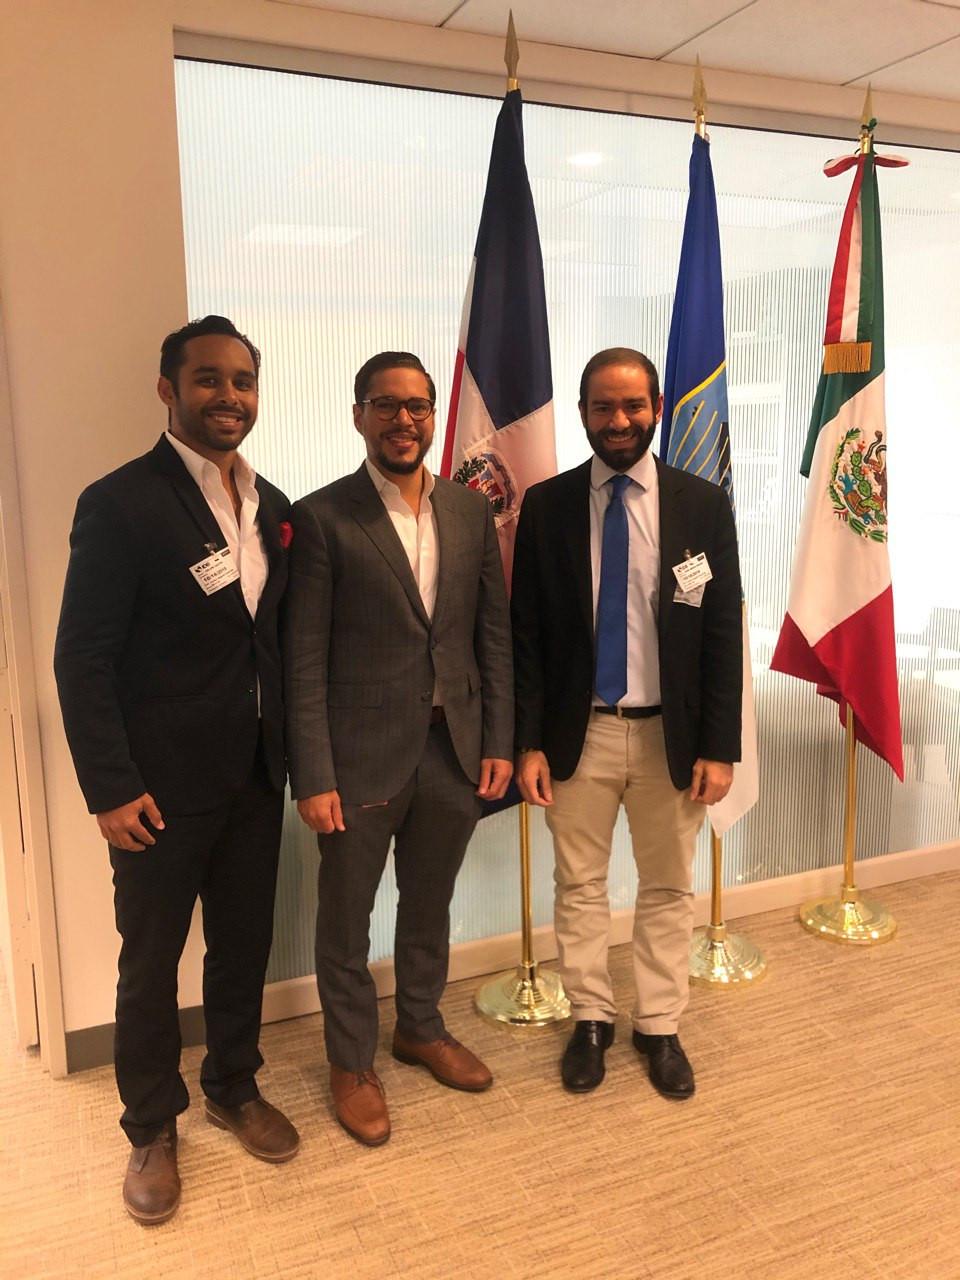 Sr. Carlos Pared Vidal — Director Ejecutivo del Gobierno de la República Dominicana en Banco Interamericano de Desarrollo (IDB), junto a los Sres. Castro Quiles y García Periche